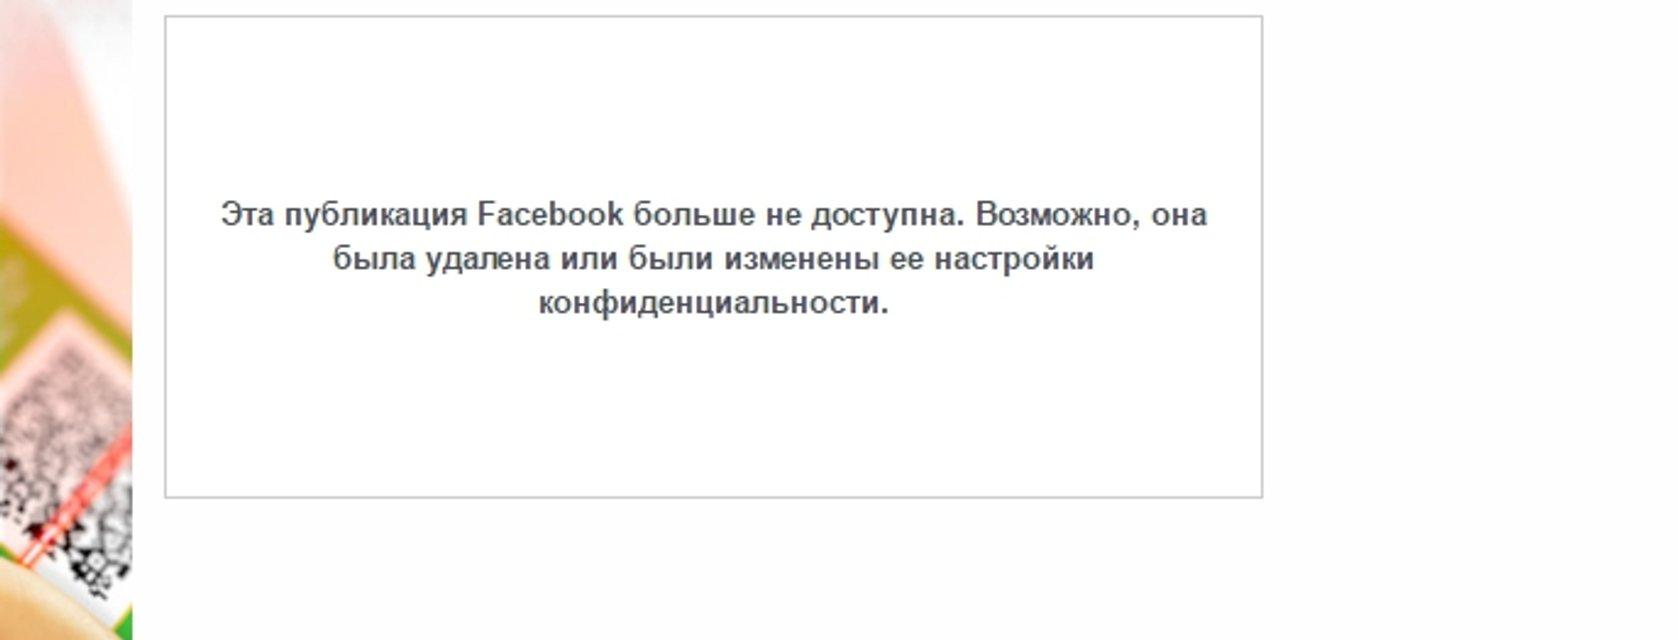 МВД опровергло свое сообщение о назначении Трояна и.о. главы Нацполиции - фото 22039